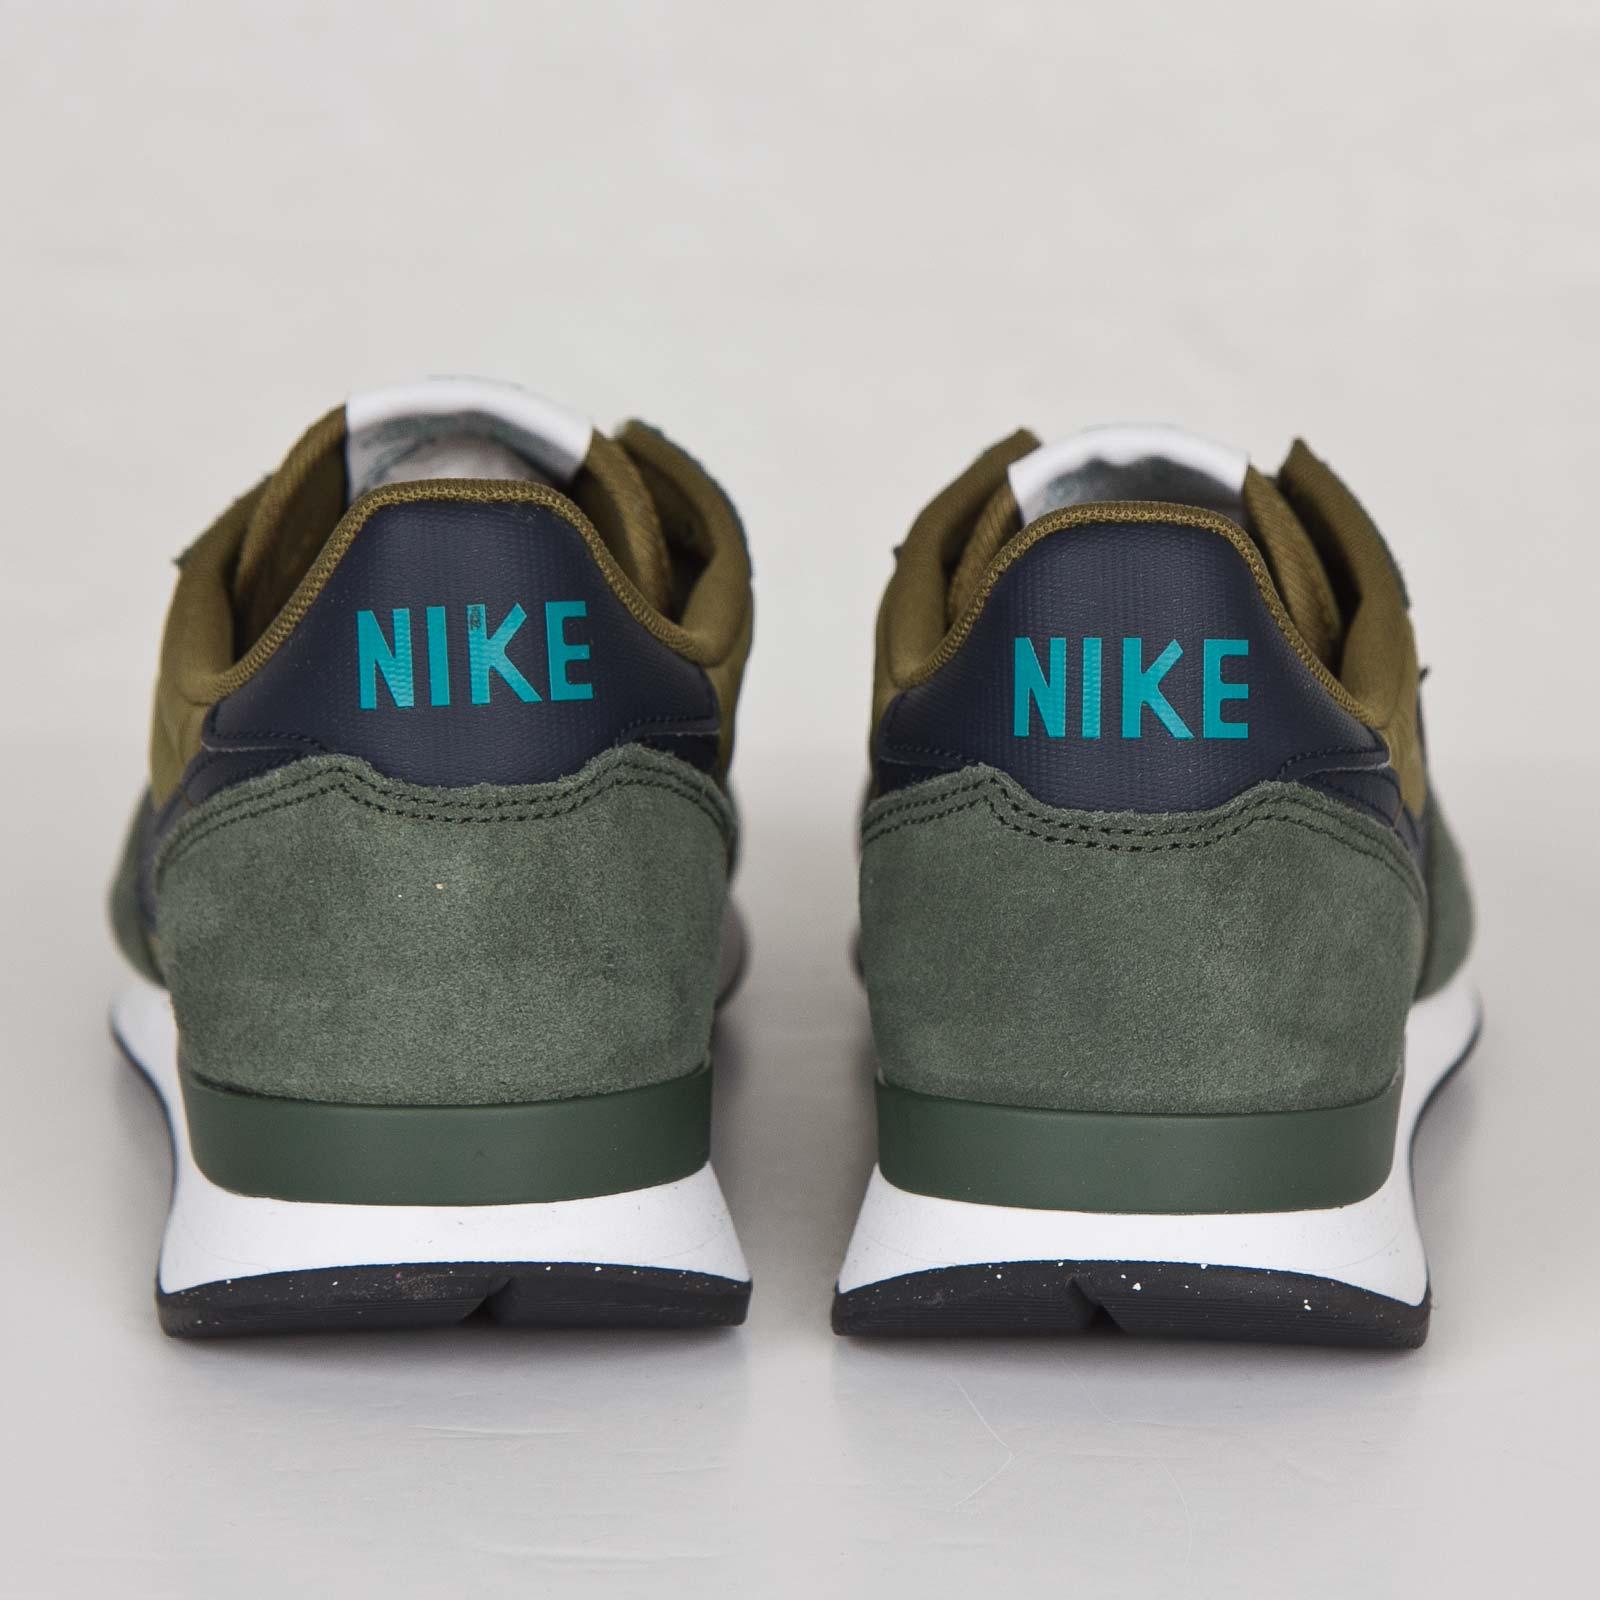 new style ac2a1 c49d7 Nike Internationalist - 631754-302 - Sneakersnstuff   sneakers   streetwear  online since 1999